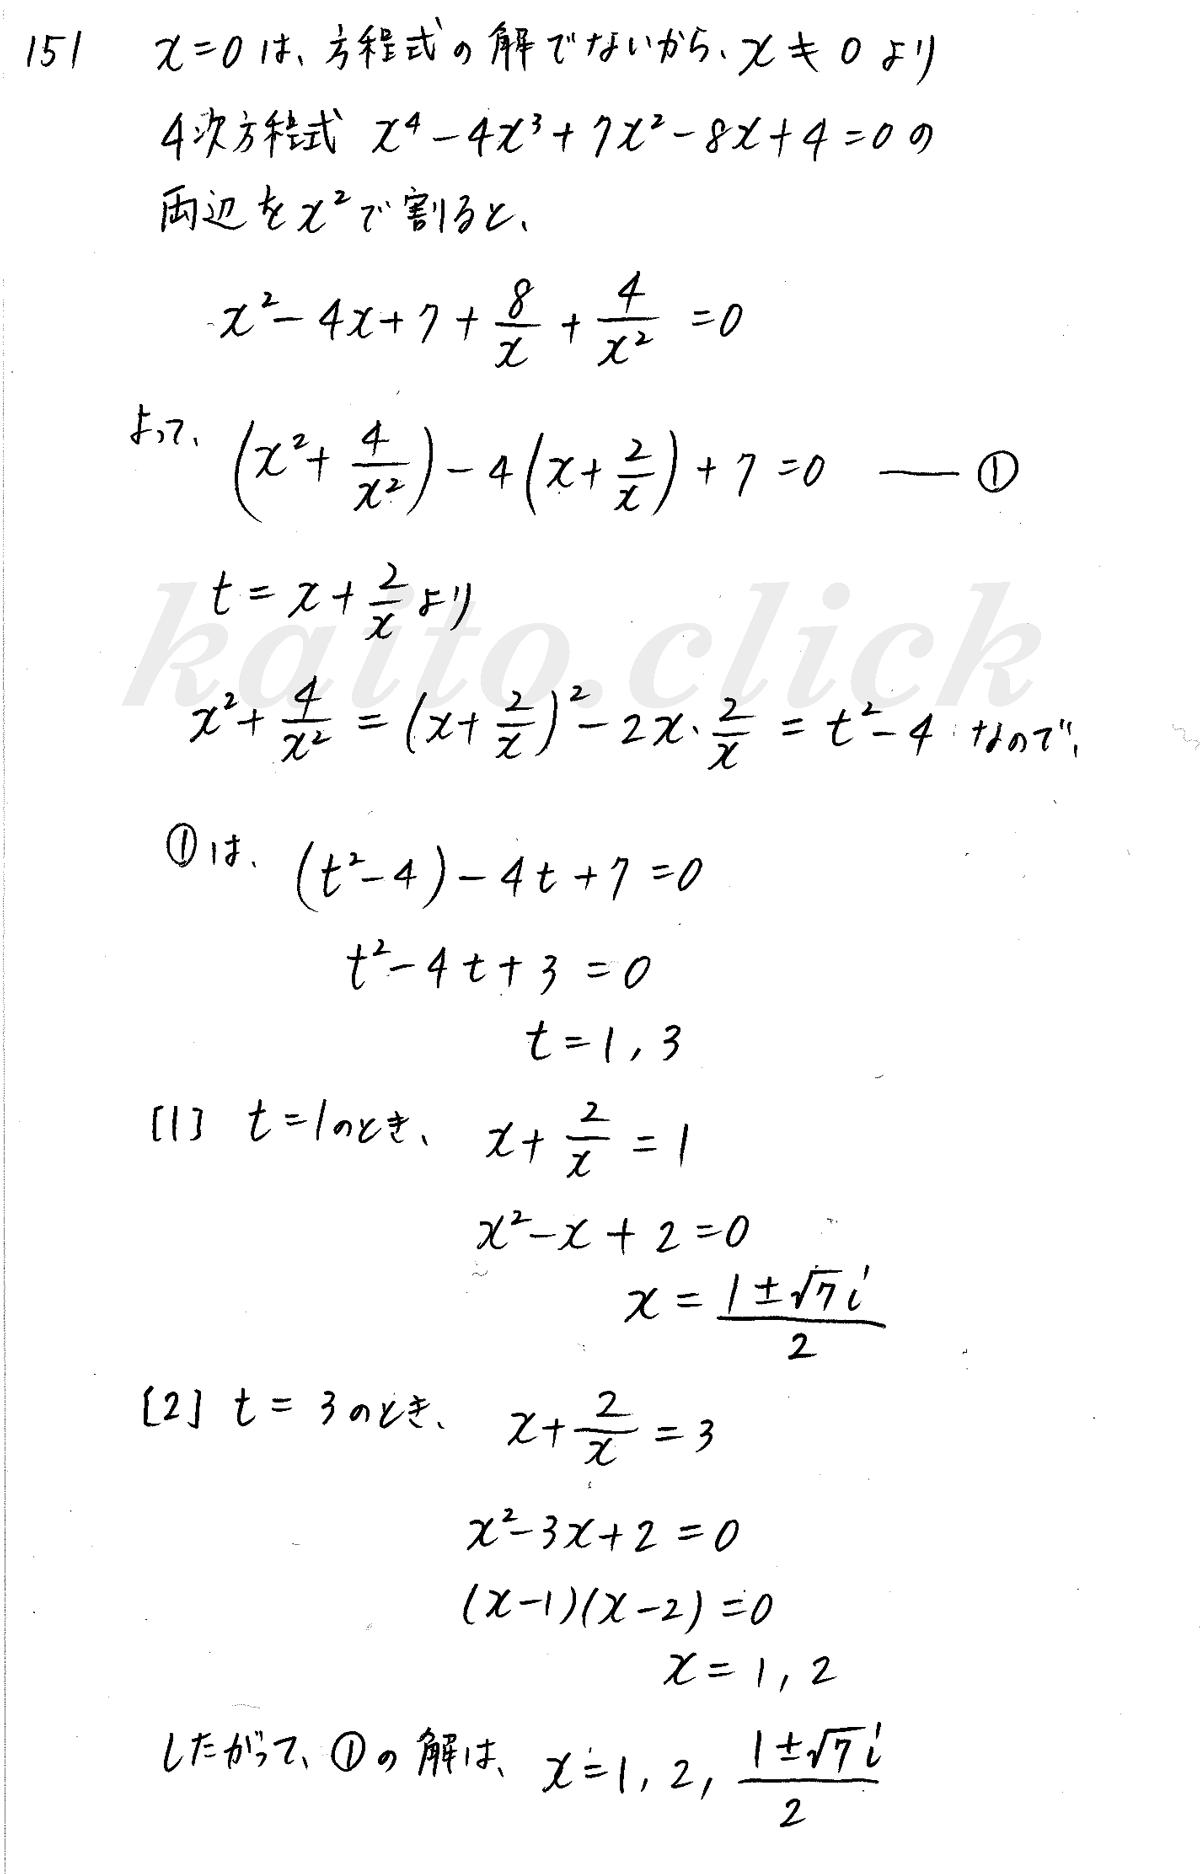 クリアー数学2-151解答